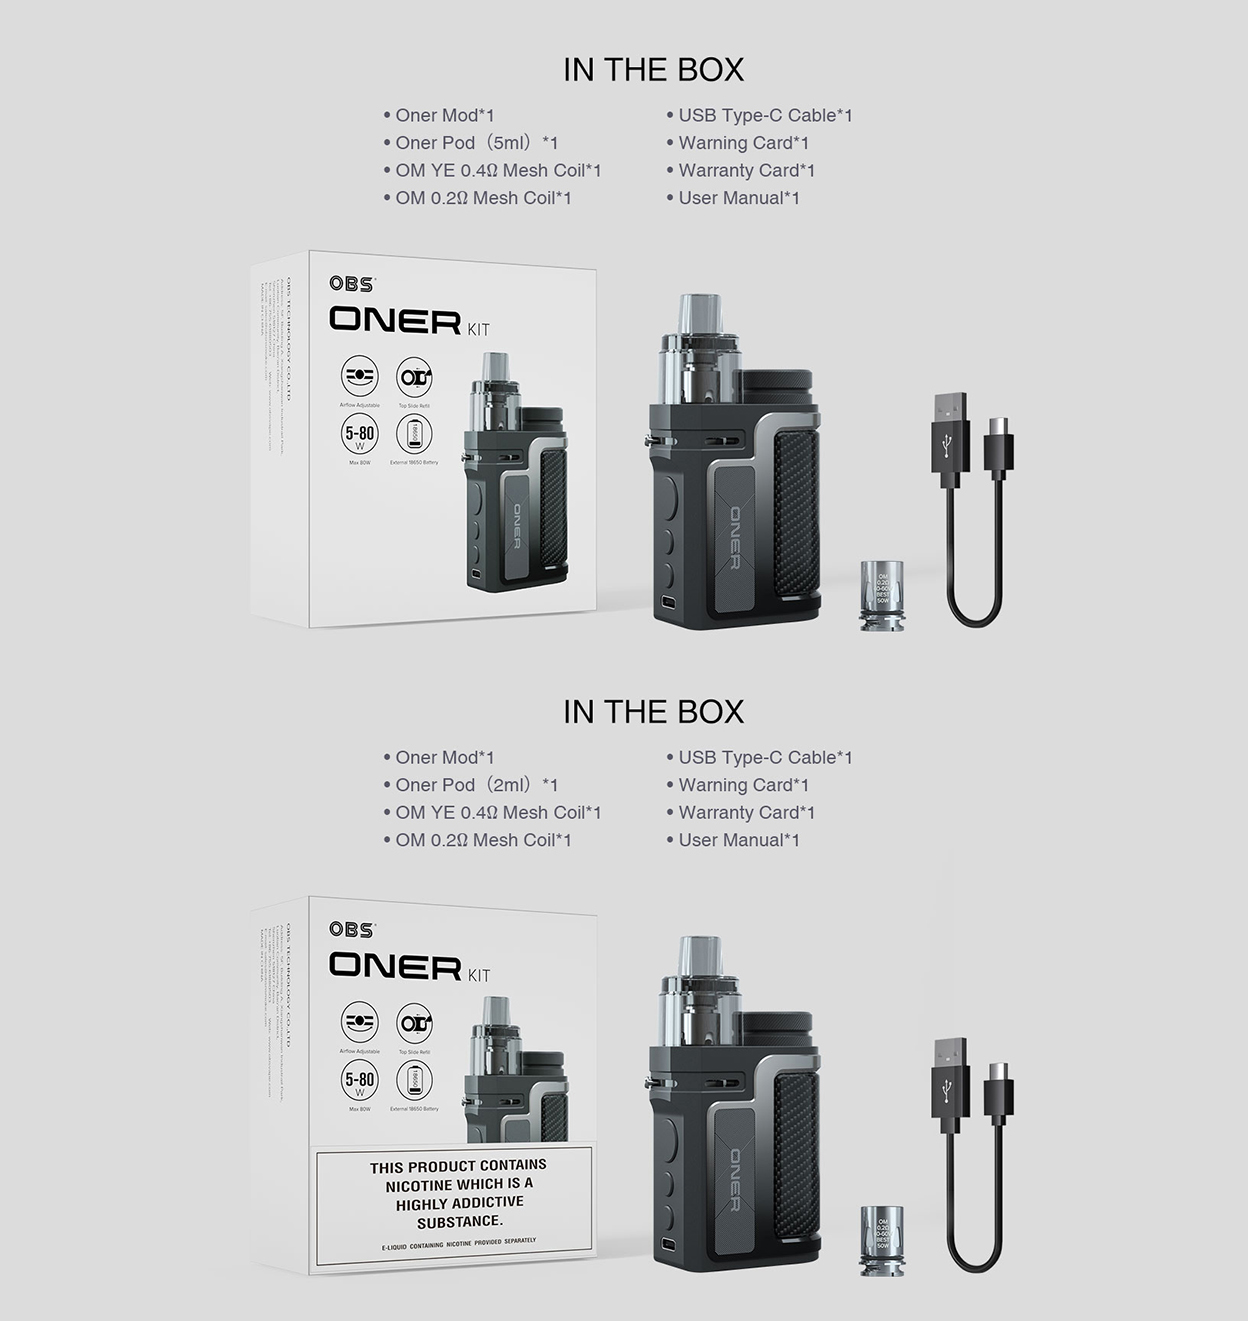 OBS Oner Kit